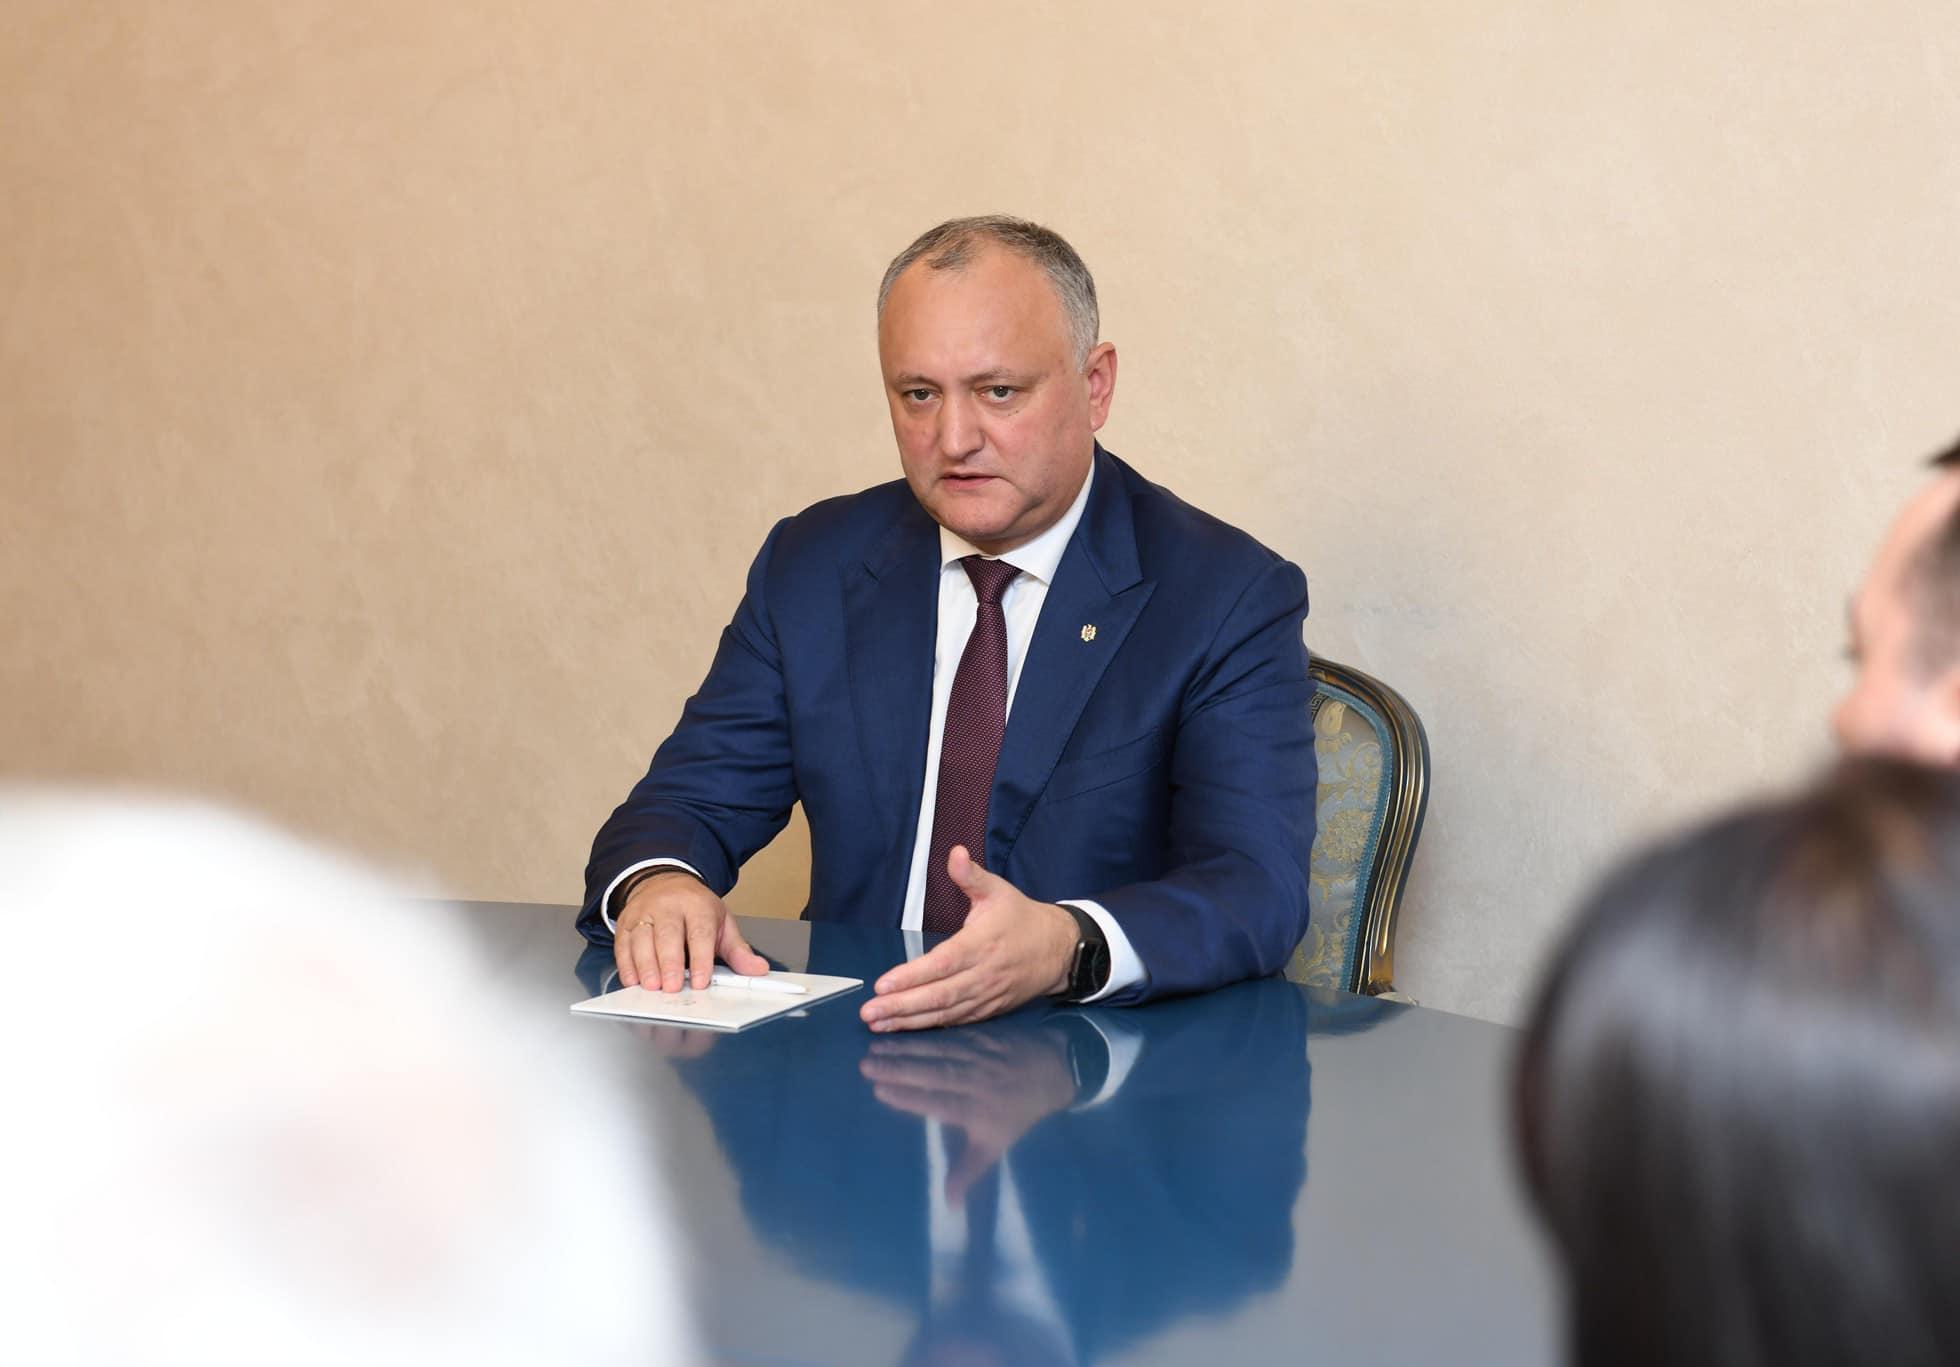 Состоялось первое заседание Консультативного экспертного совета по реформе юстиции, созданного по инициативе президента (ФОТО, ВИДЕО)